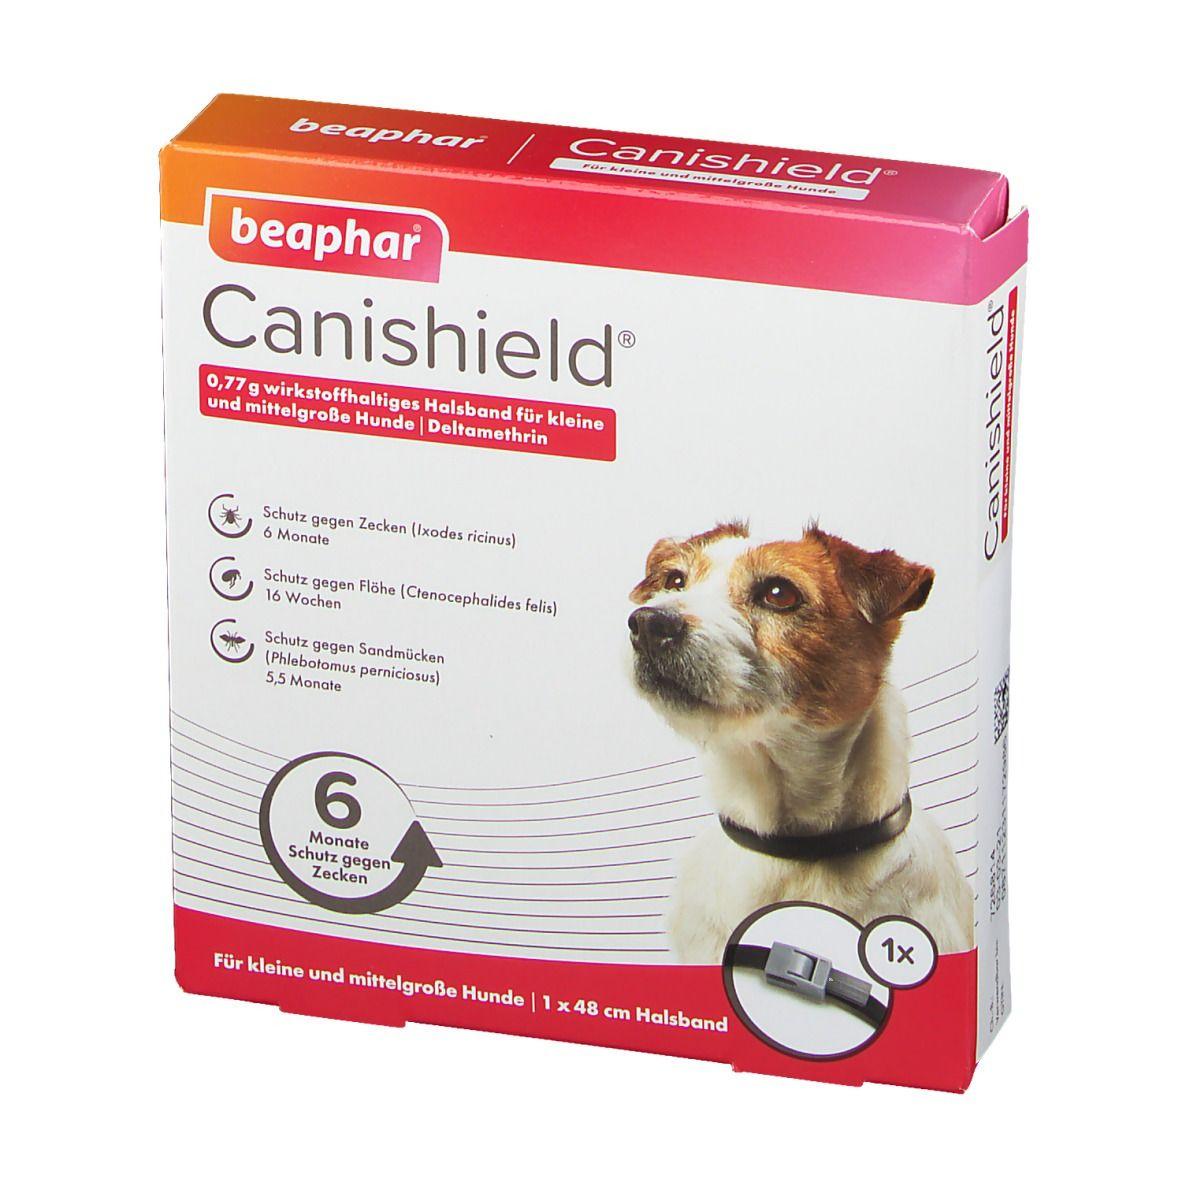 Canishield® 0,77 g wirkstoffhaltiges Halsband für kleine und mittelgroße Hunde